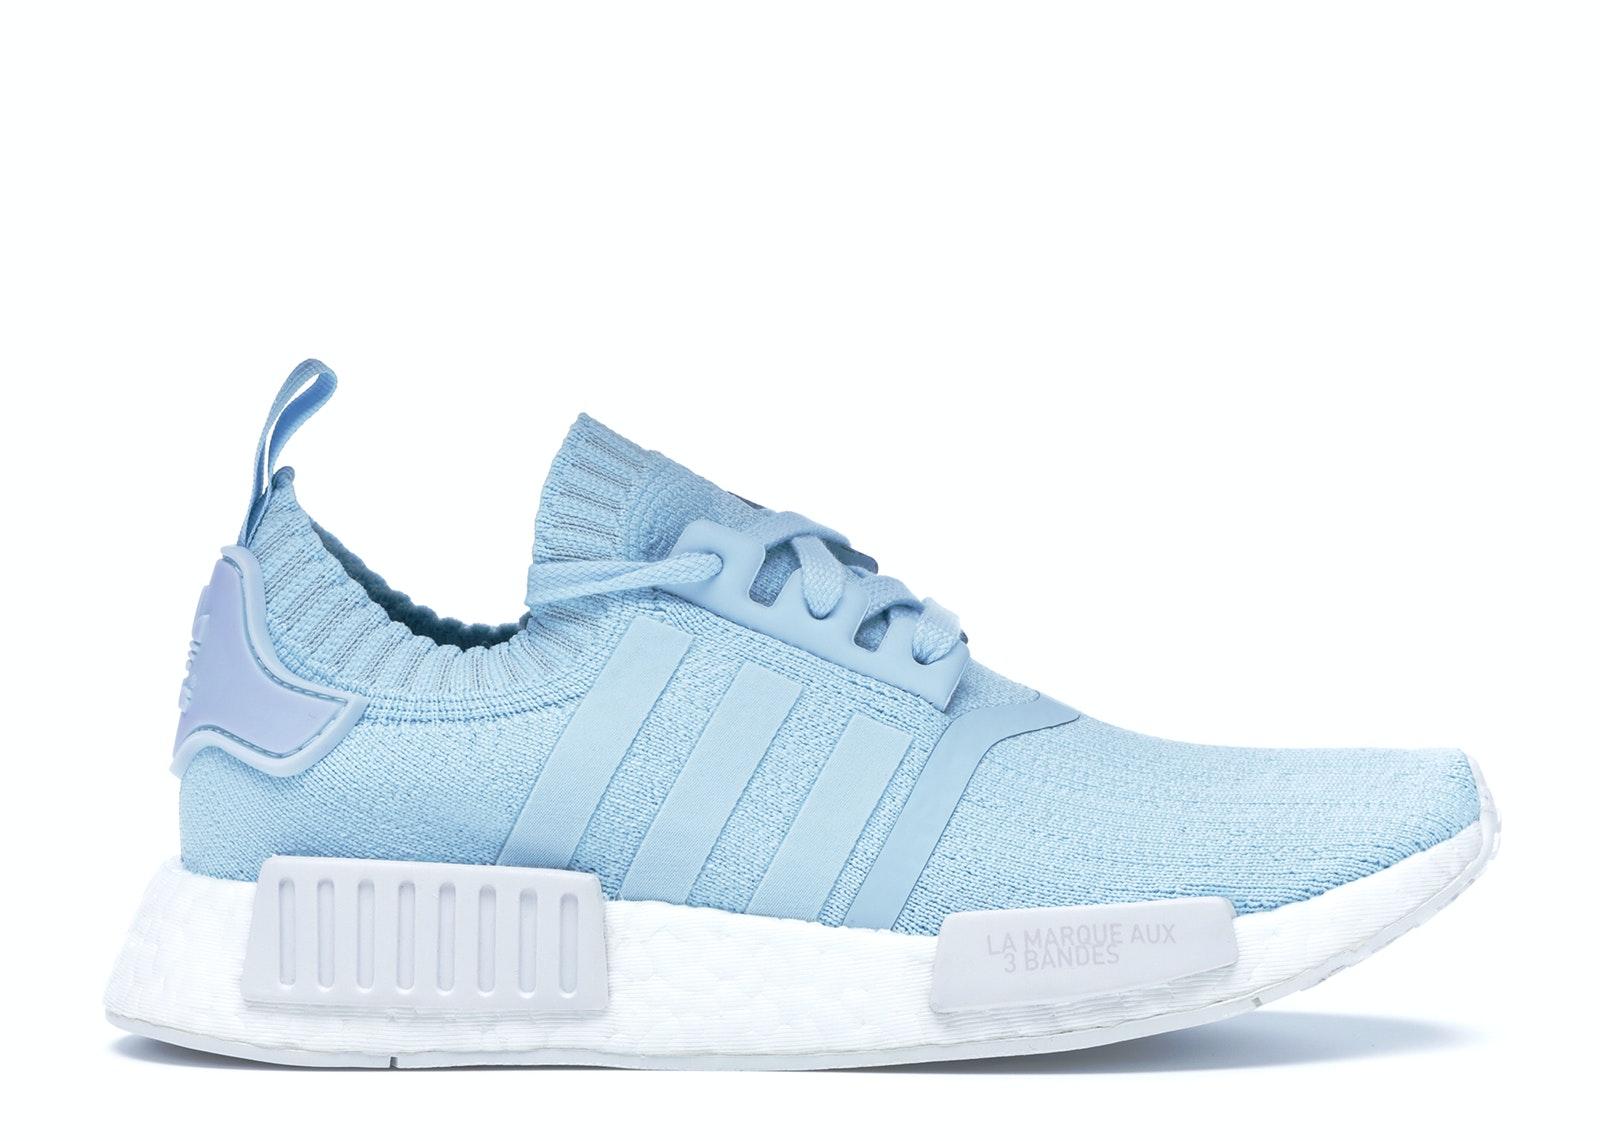 adidas NMD R1 Icey Blue White (W)